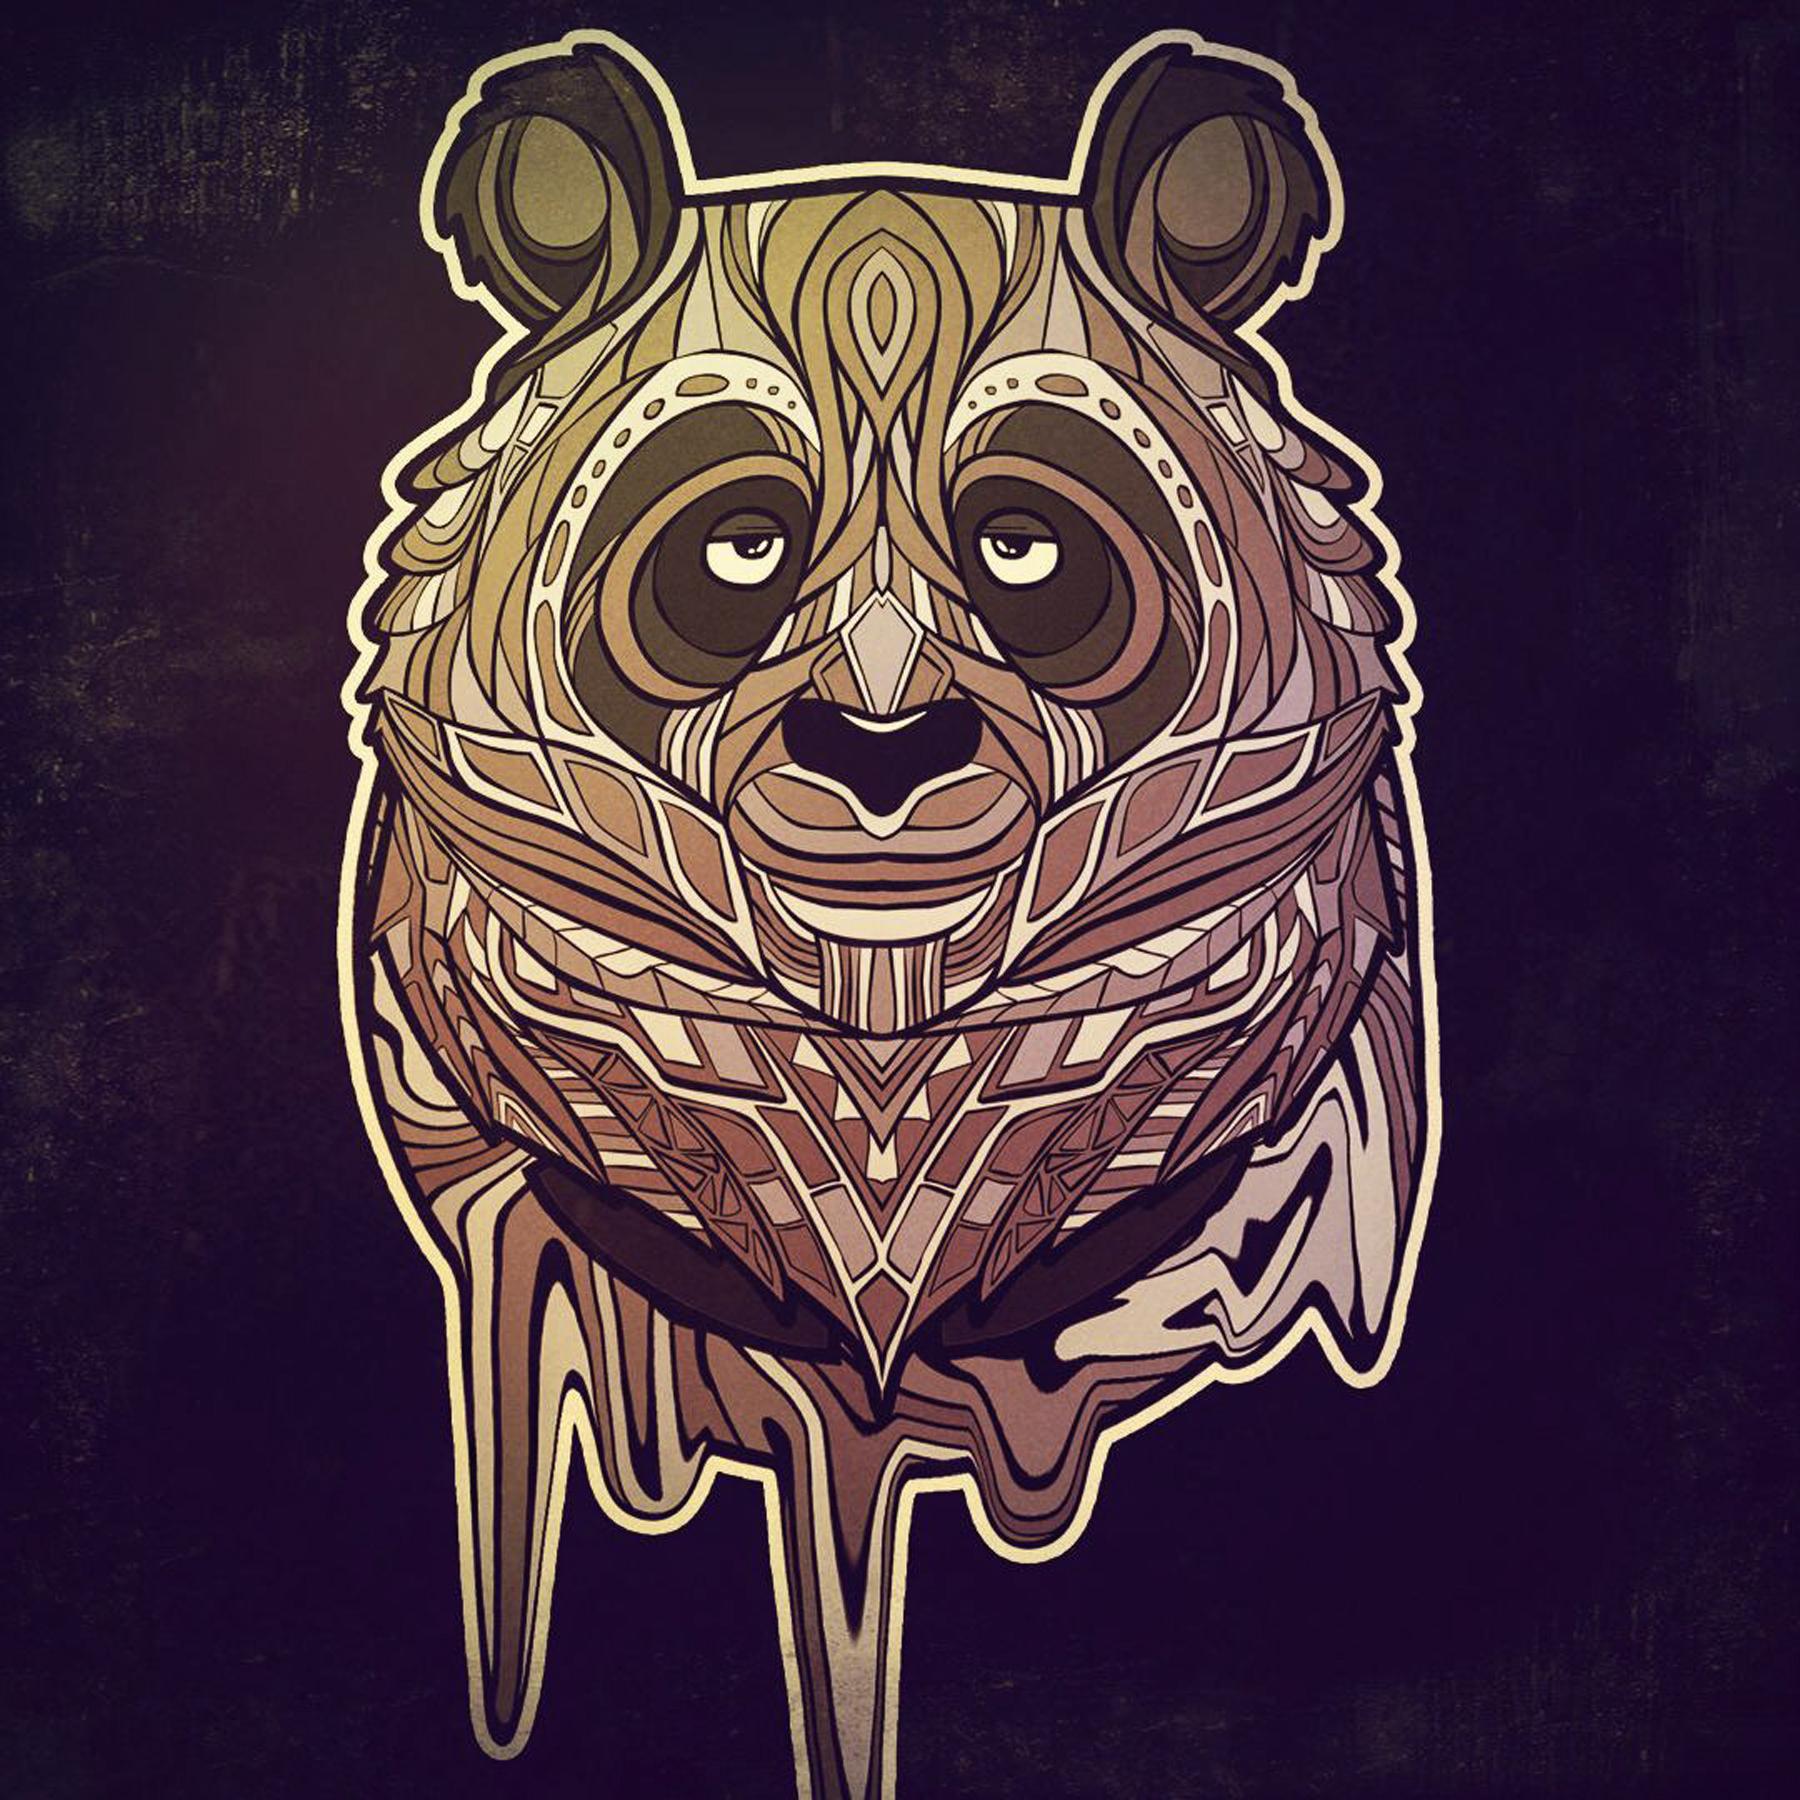 Groovy Panda